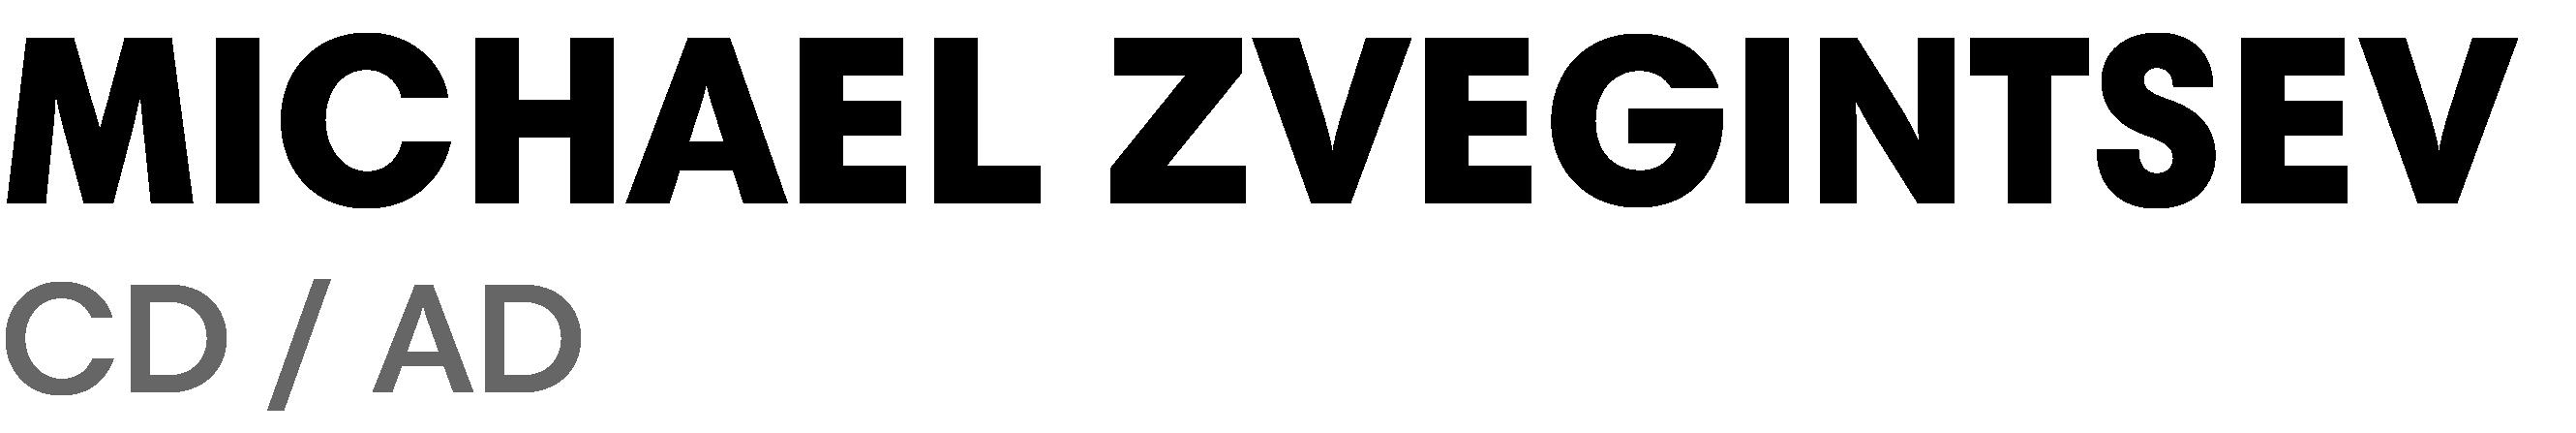 Mishka Zvegintsev